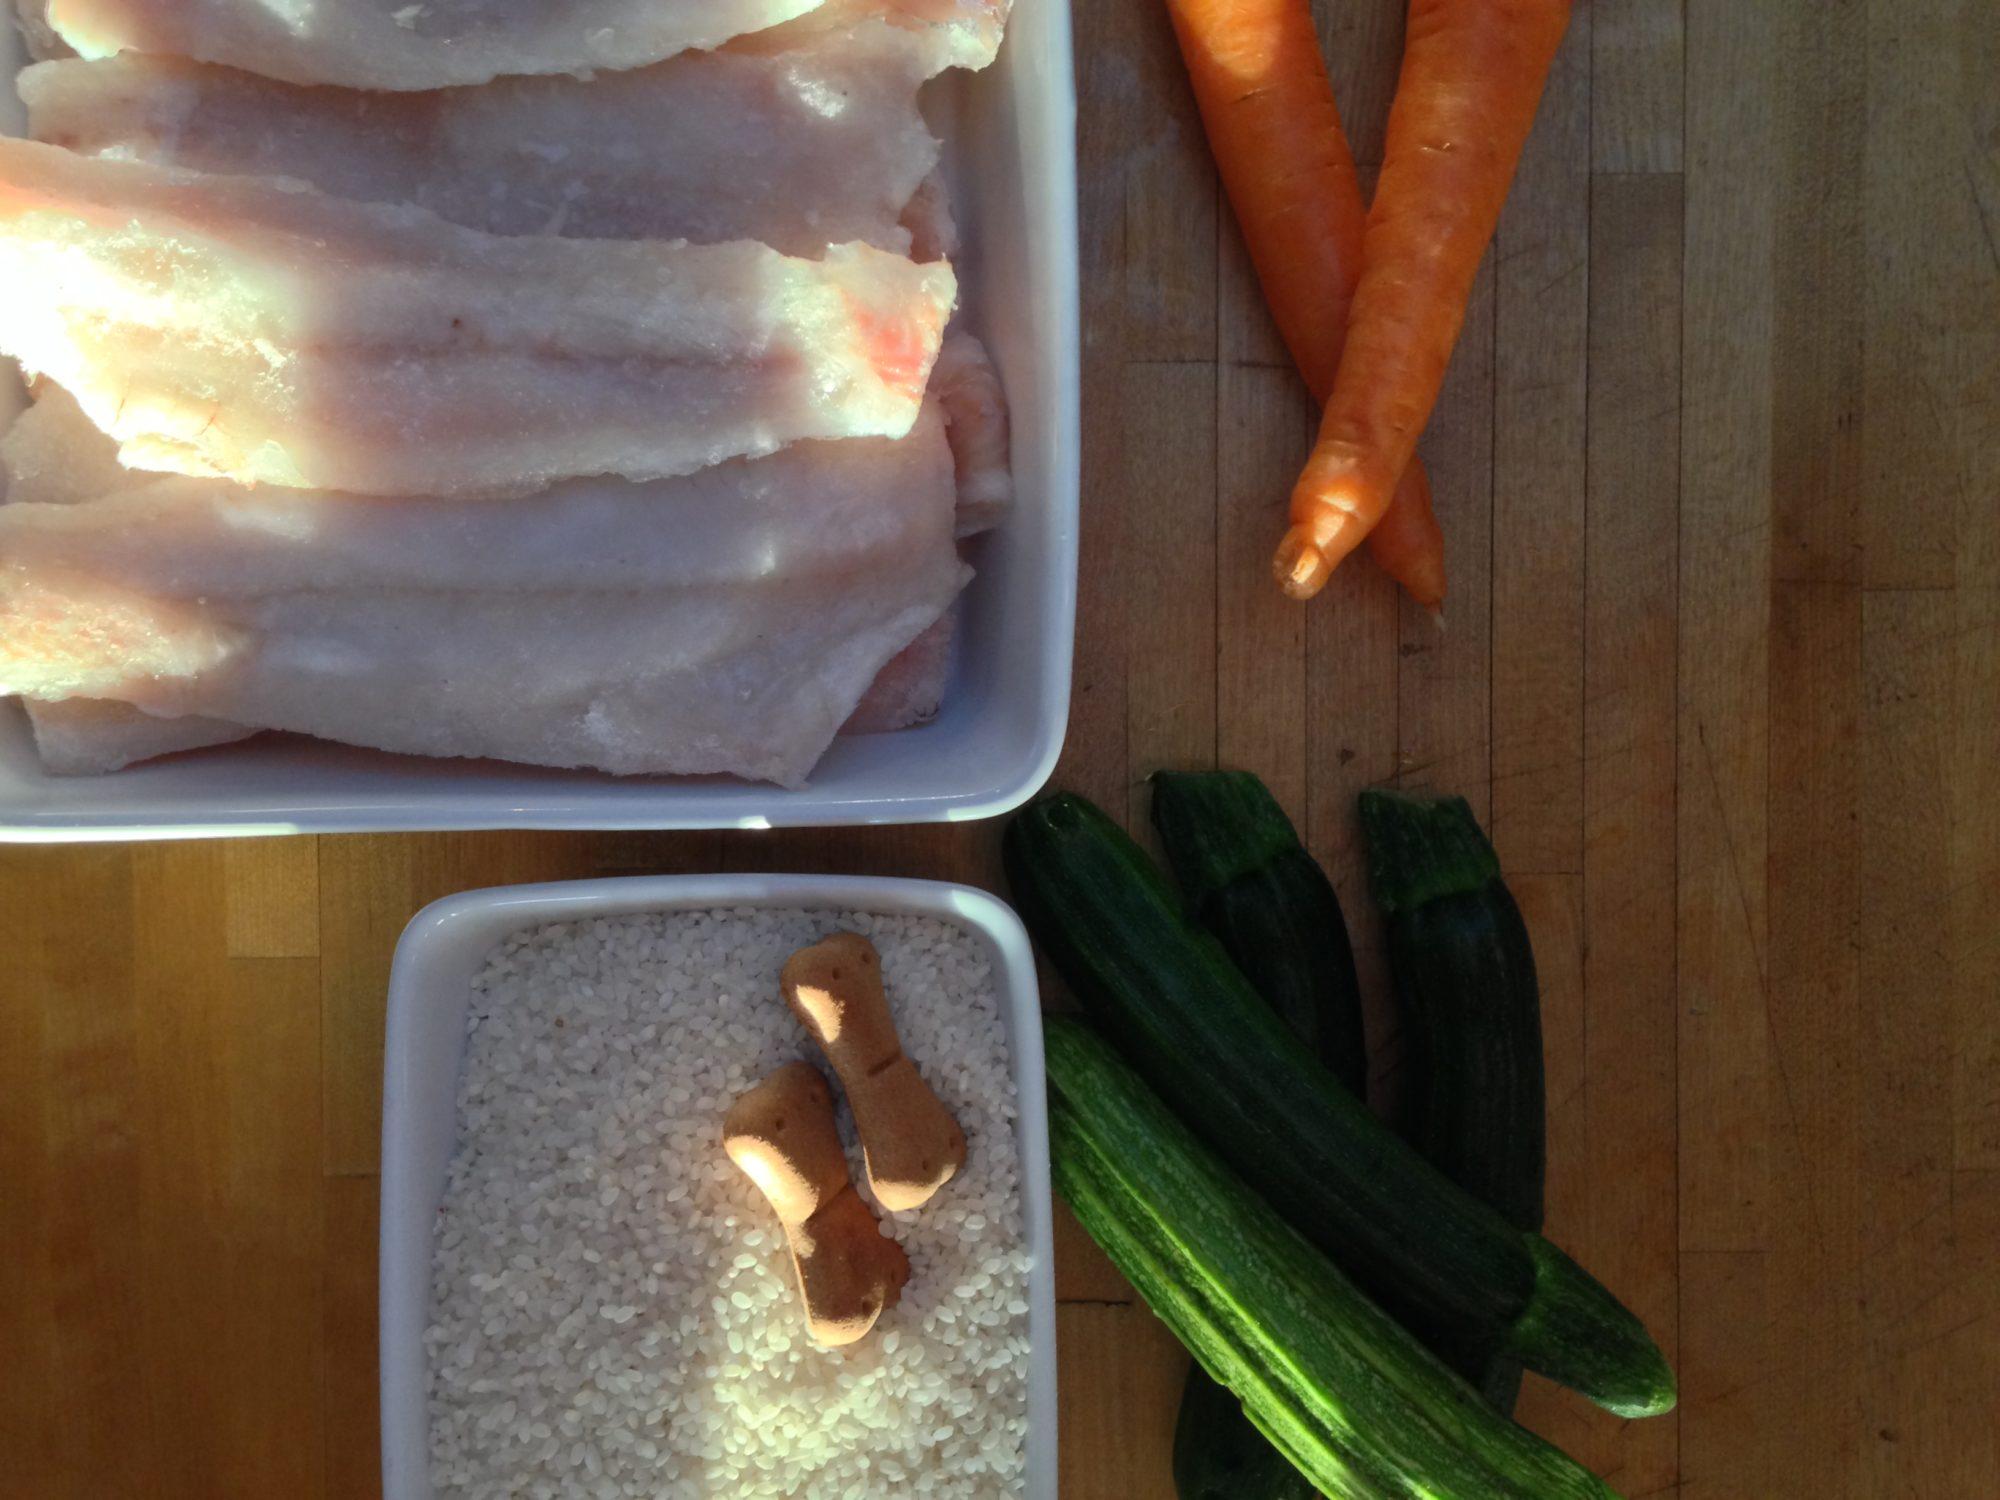 Risotto con filetto di merluzzo, carote e zucchine